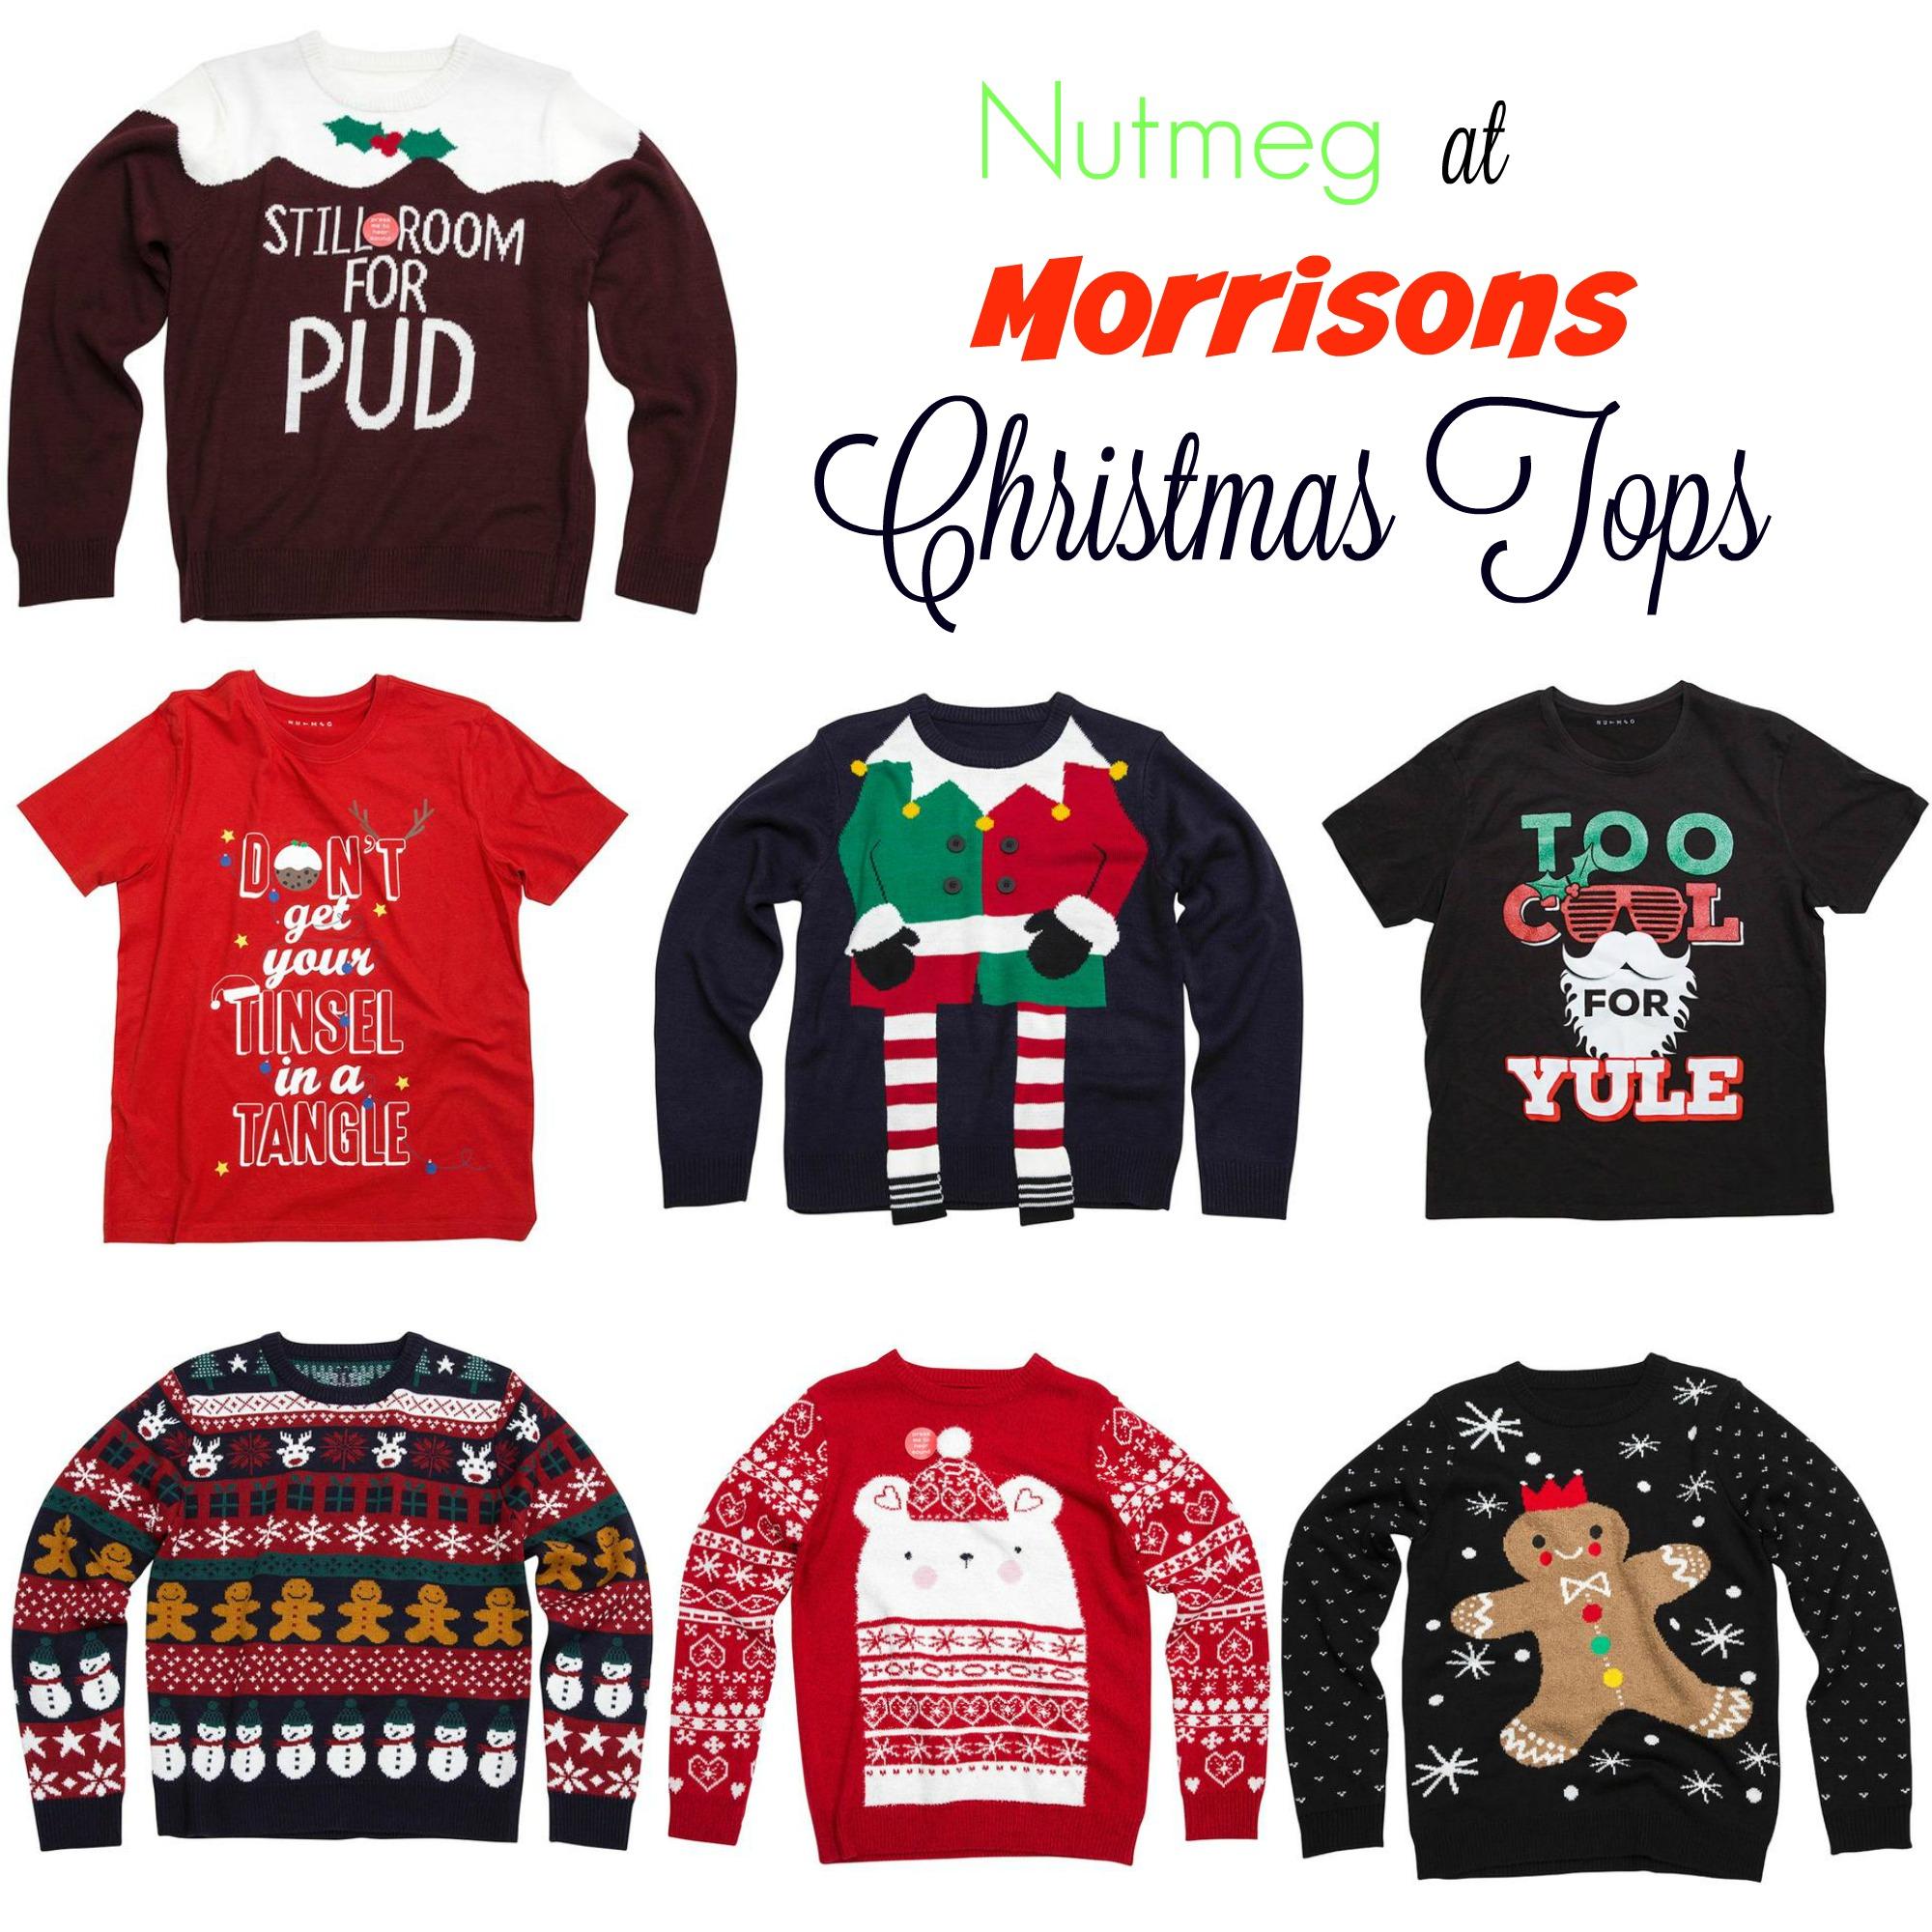 nutmeg-at-morrisons-christmas-tops